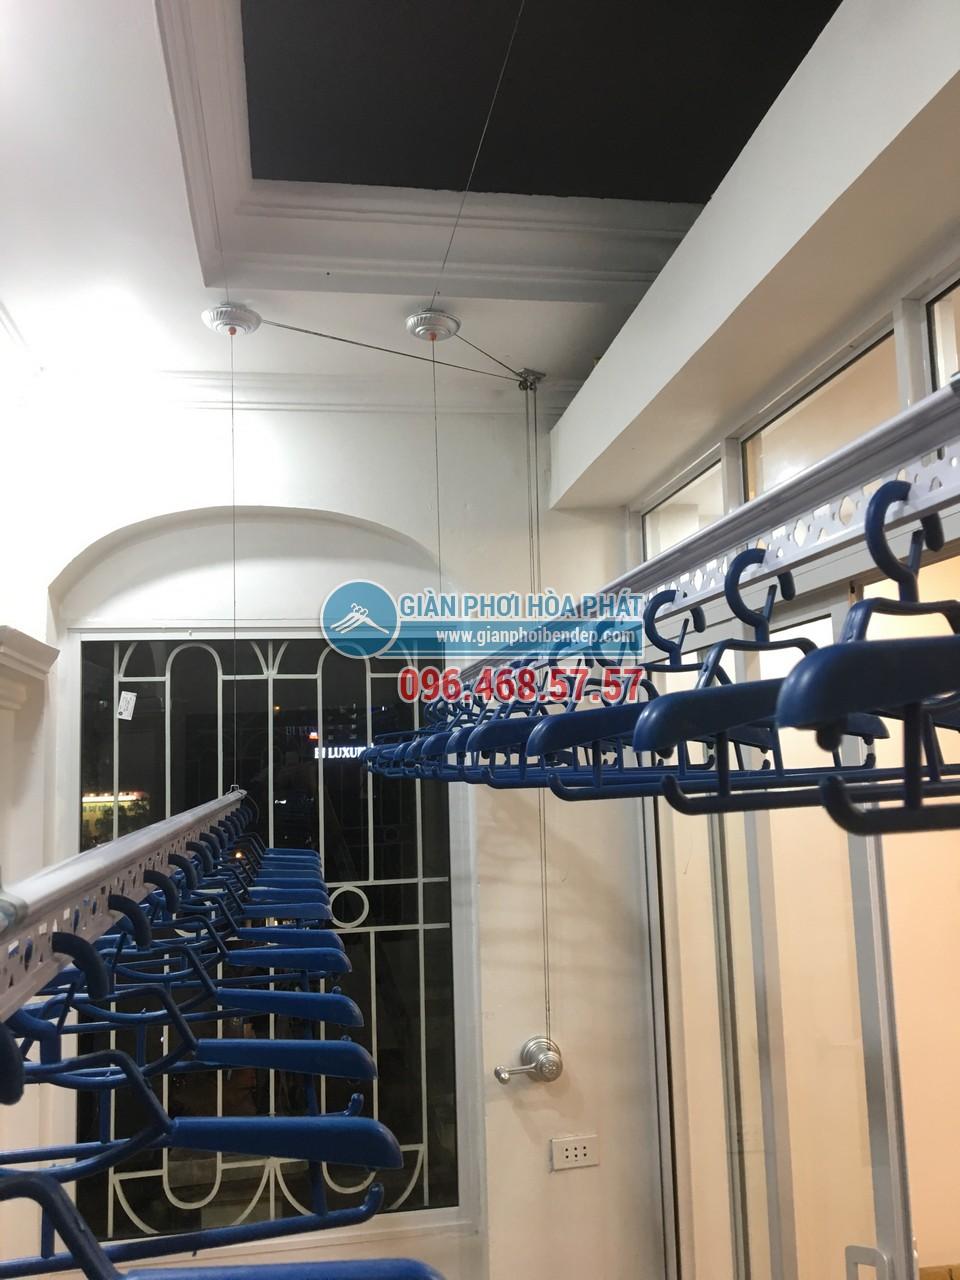 Hình ảnh lắp đặt thực tế của bộ giàn phơi thông minh Hòa Phát Star HP950 - 02